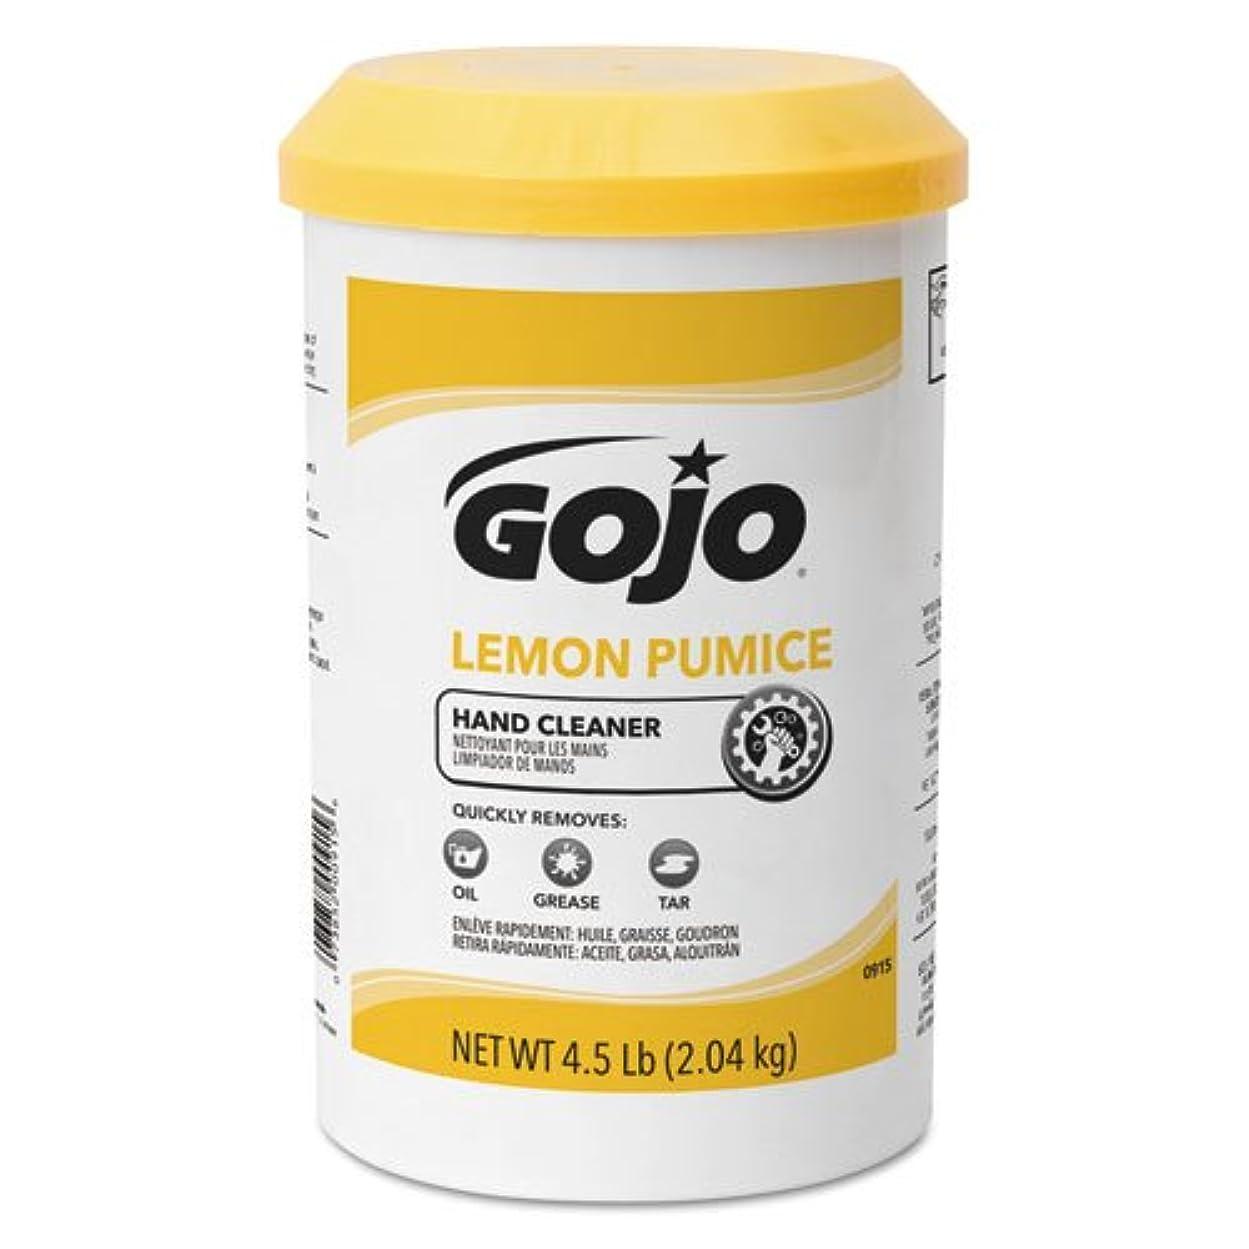 ライトニング必要性その他Gojo レモンプーミス ハンドクリーナー レモンの香り 4.5ポンド GOJ0915